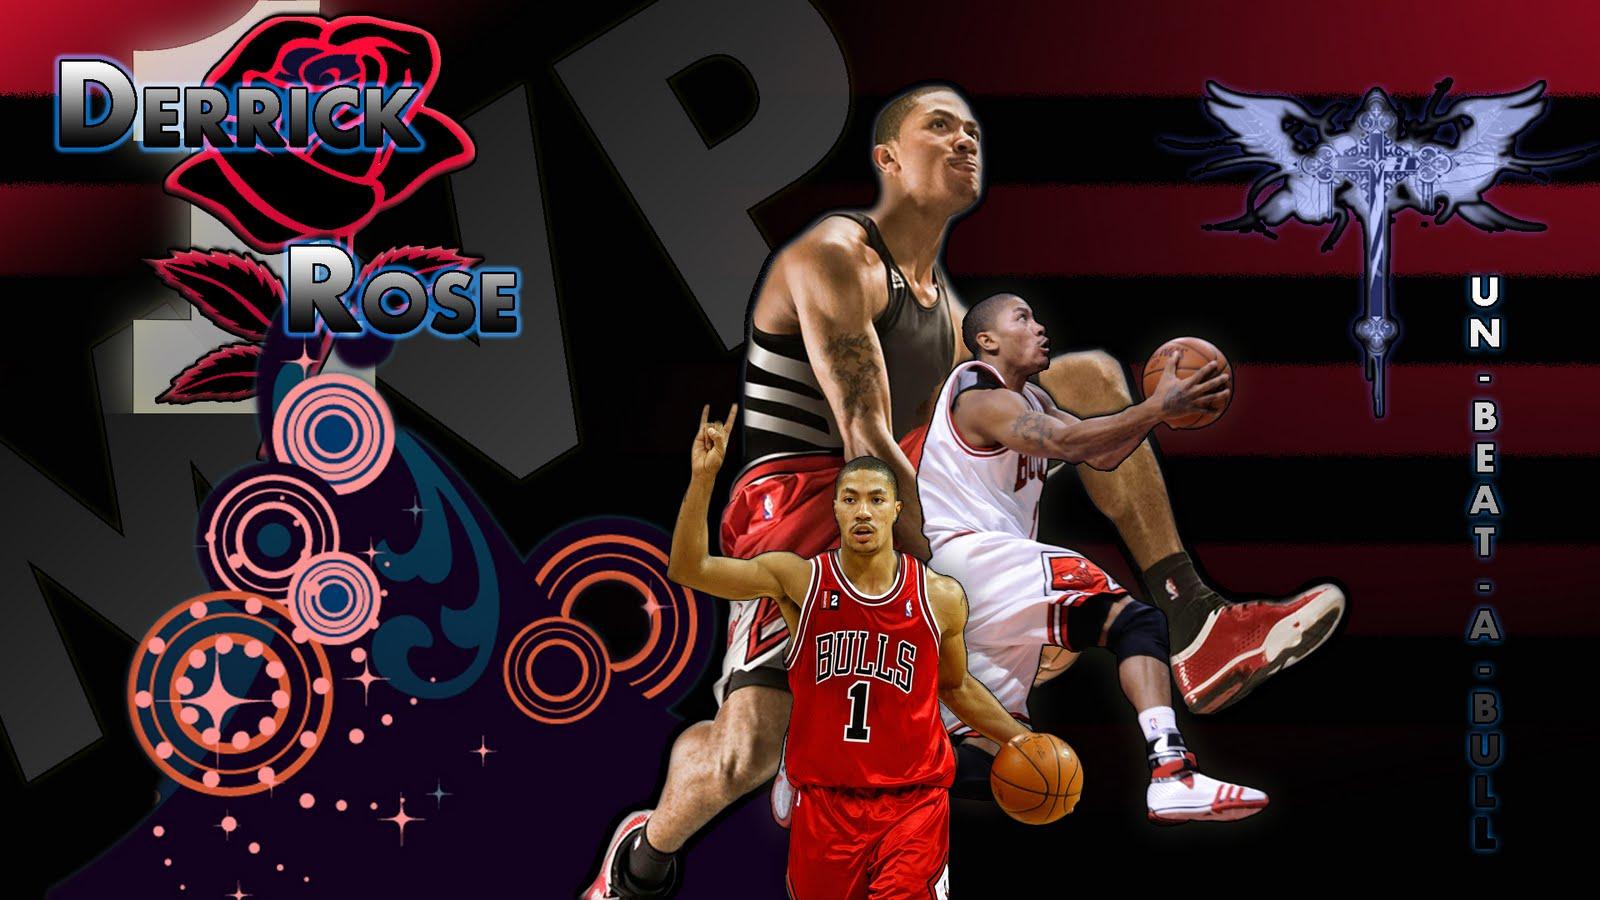 Derrick Rose nba playoff bracket 2012 nba playoff standings 2012 1600x900